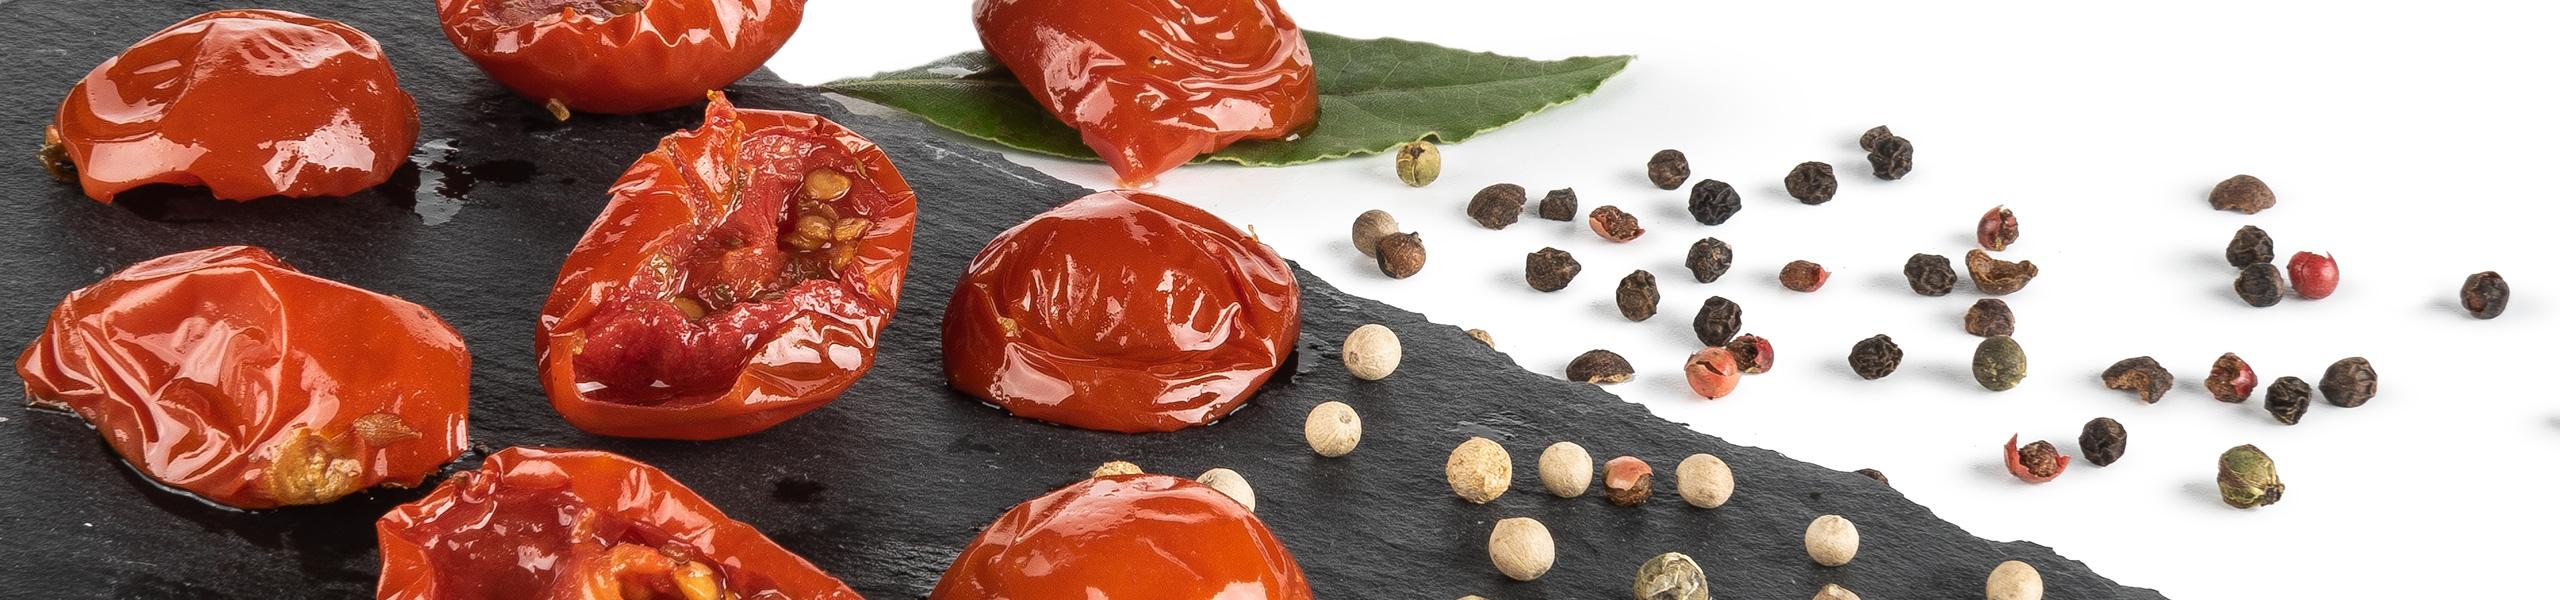 Pomociliegino Pomodori semi-dry erbe fini